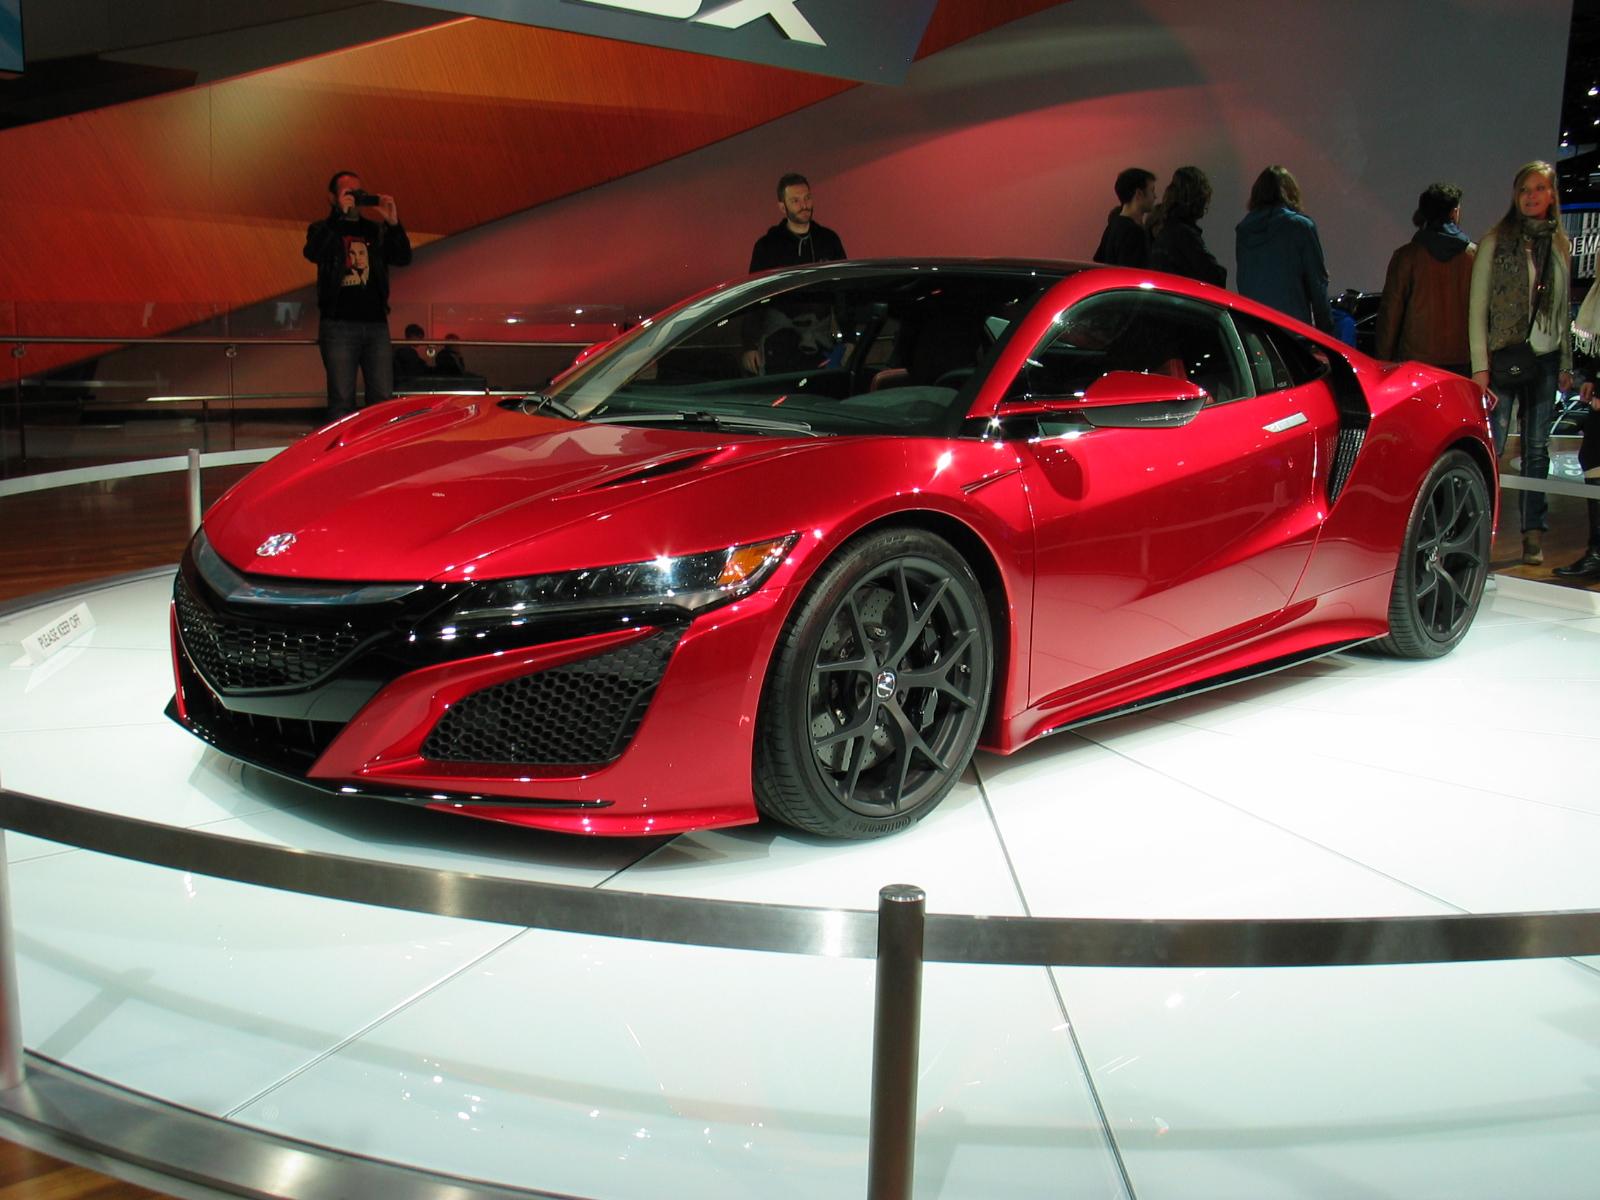 Honda nsx dimensioni consumi listino prezzi colori for Quali sono le dimensioni di un garage per auto